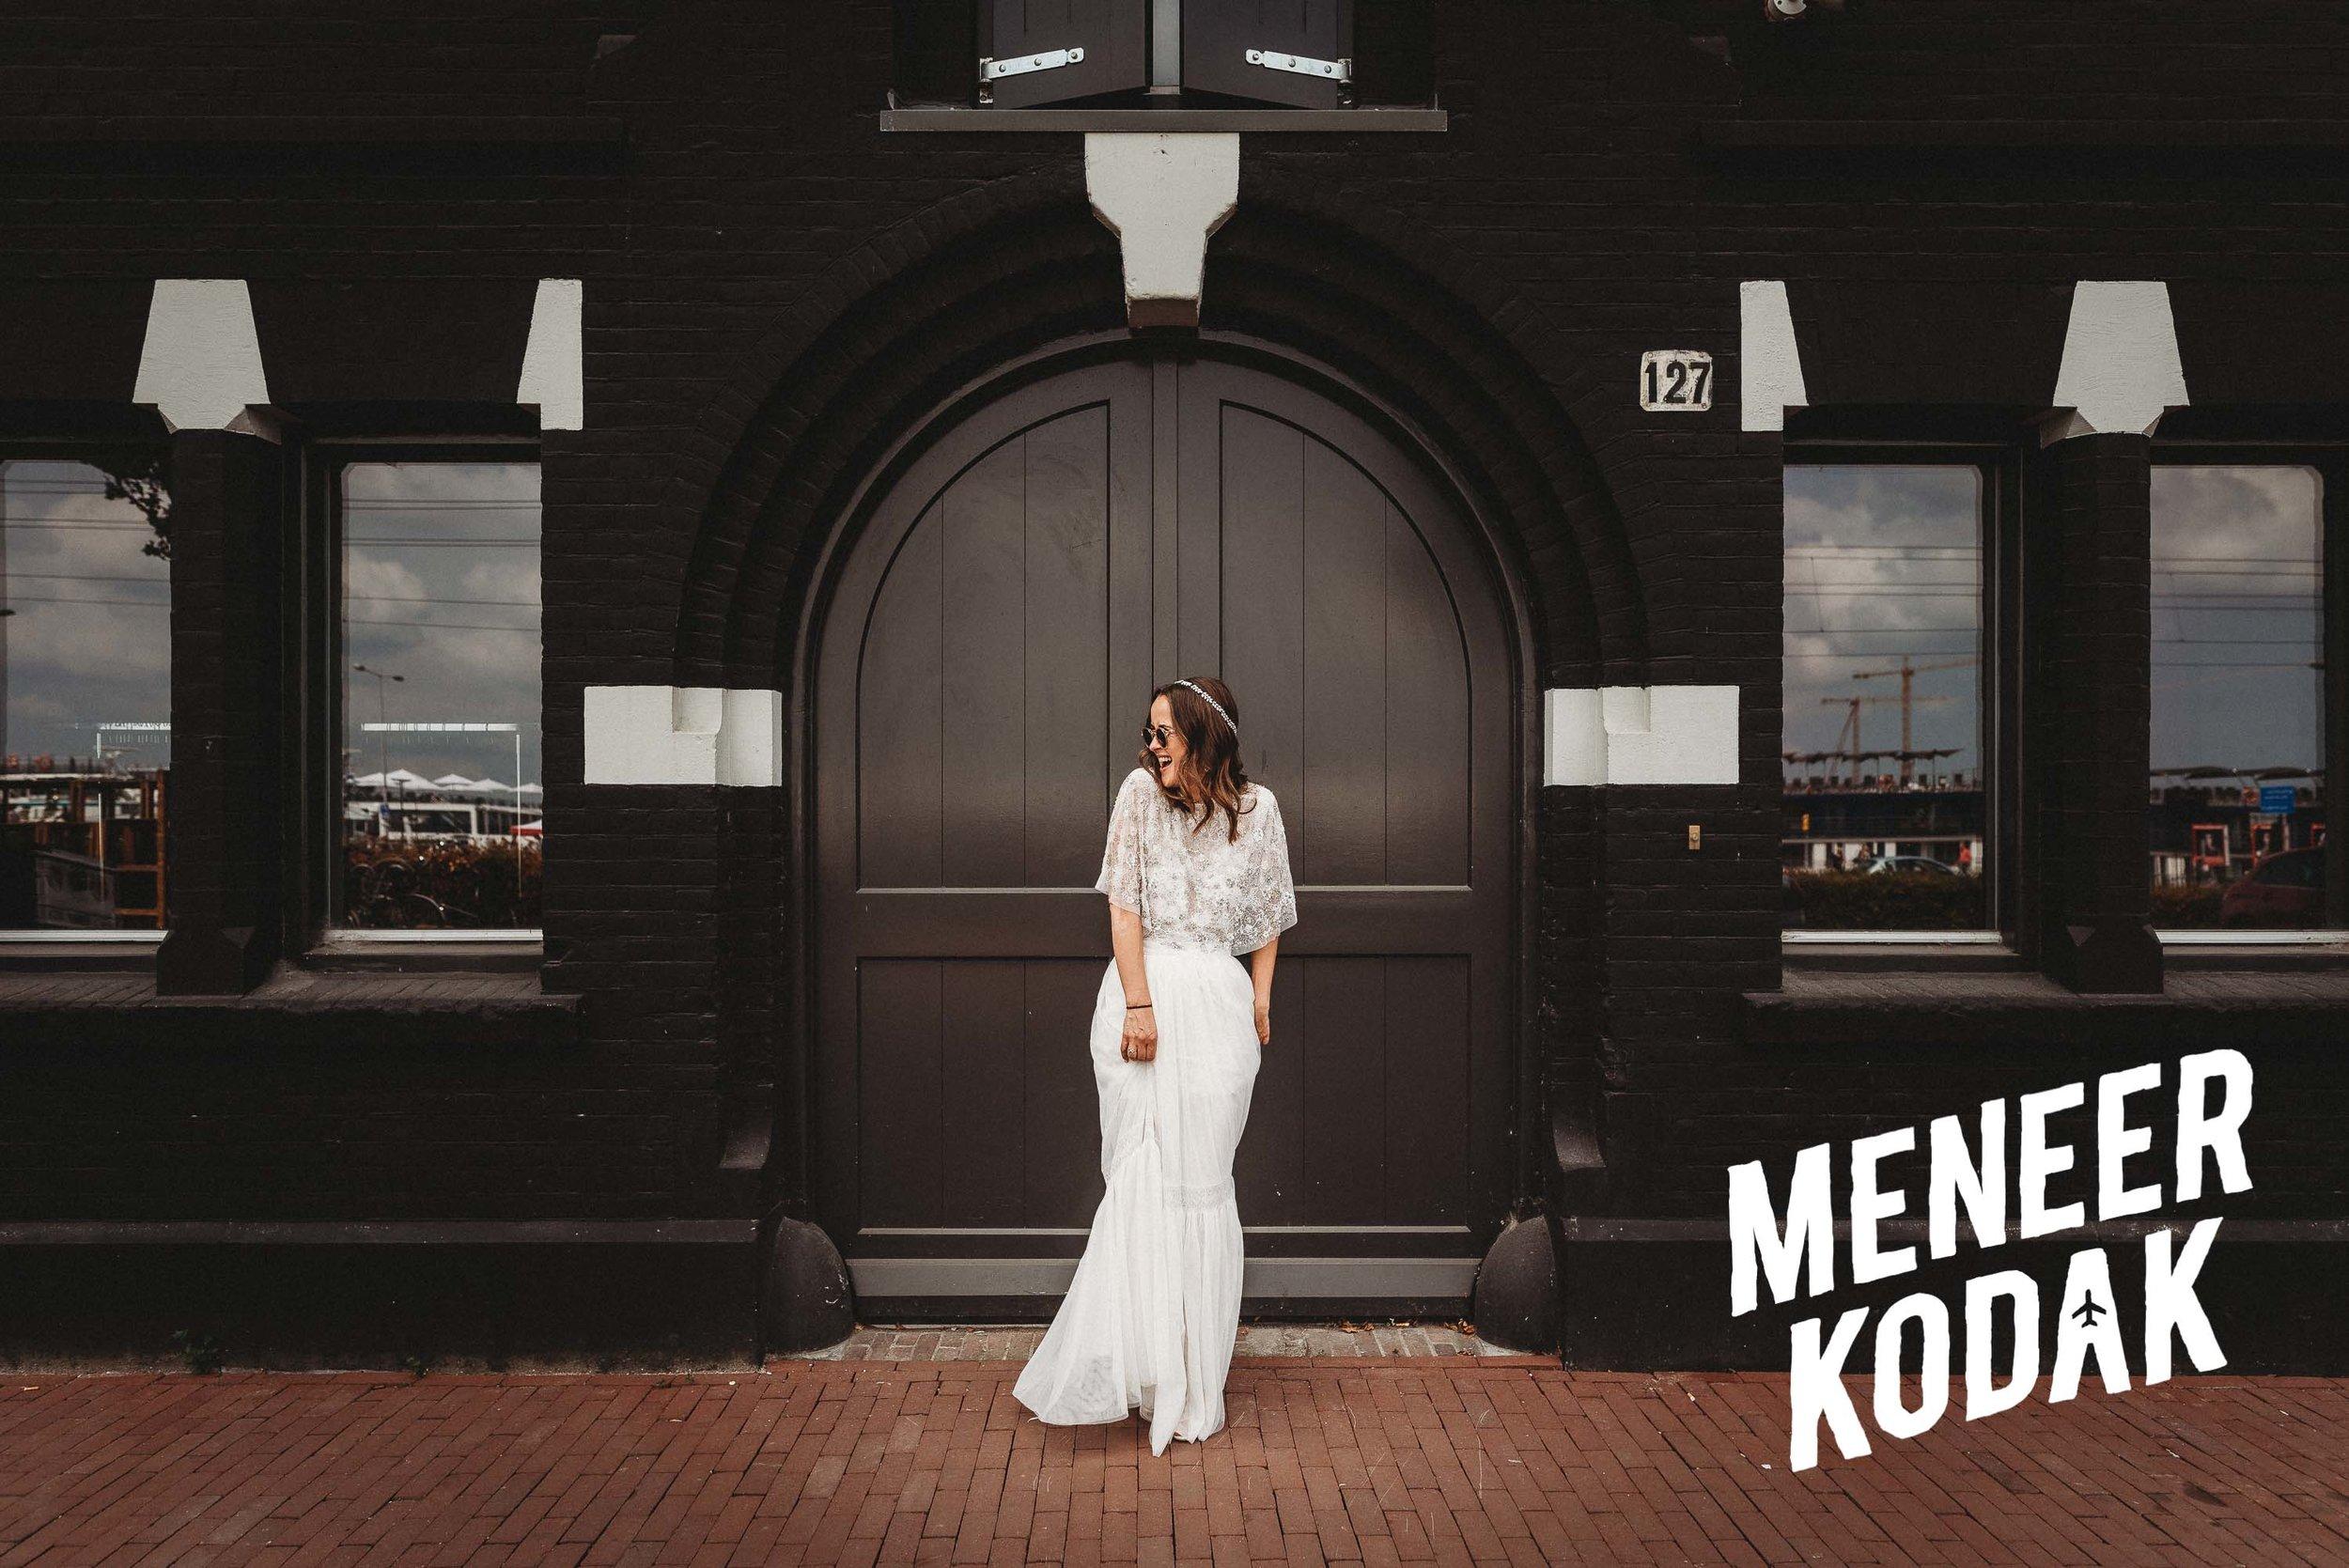 Meneer Kodak - Trouwfotograaf - Amsterdam - H&T-052.jpg